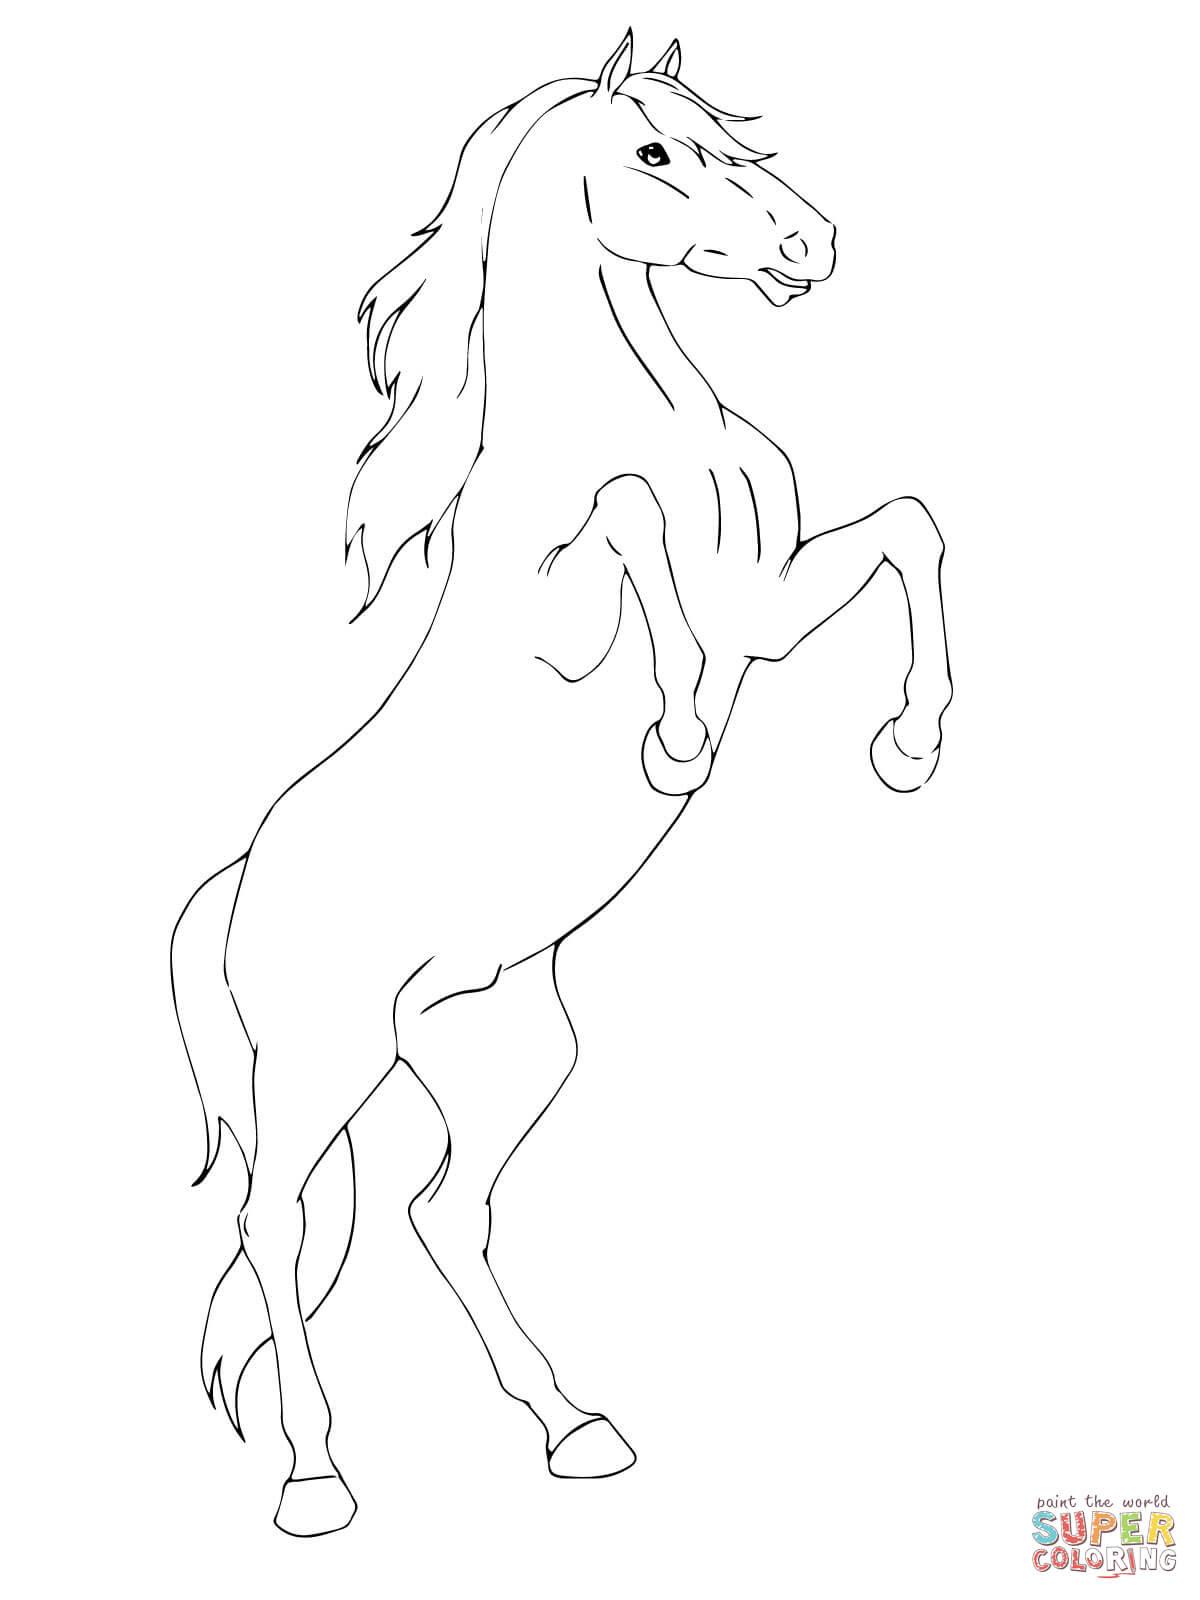 Kleurplaten Van Wilde Paarden.Charmante Springend Paard Kleurplaat Krijg Duizenden Kleurenfoto S